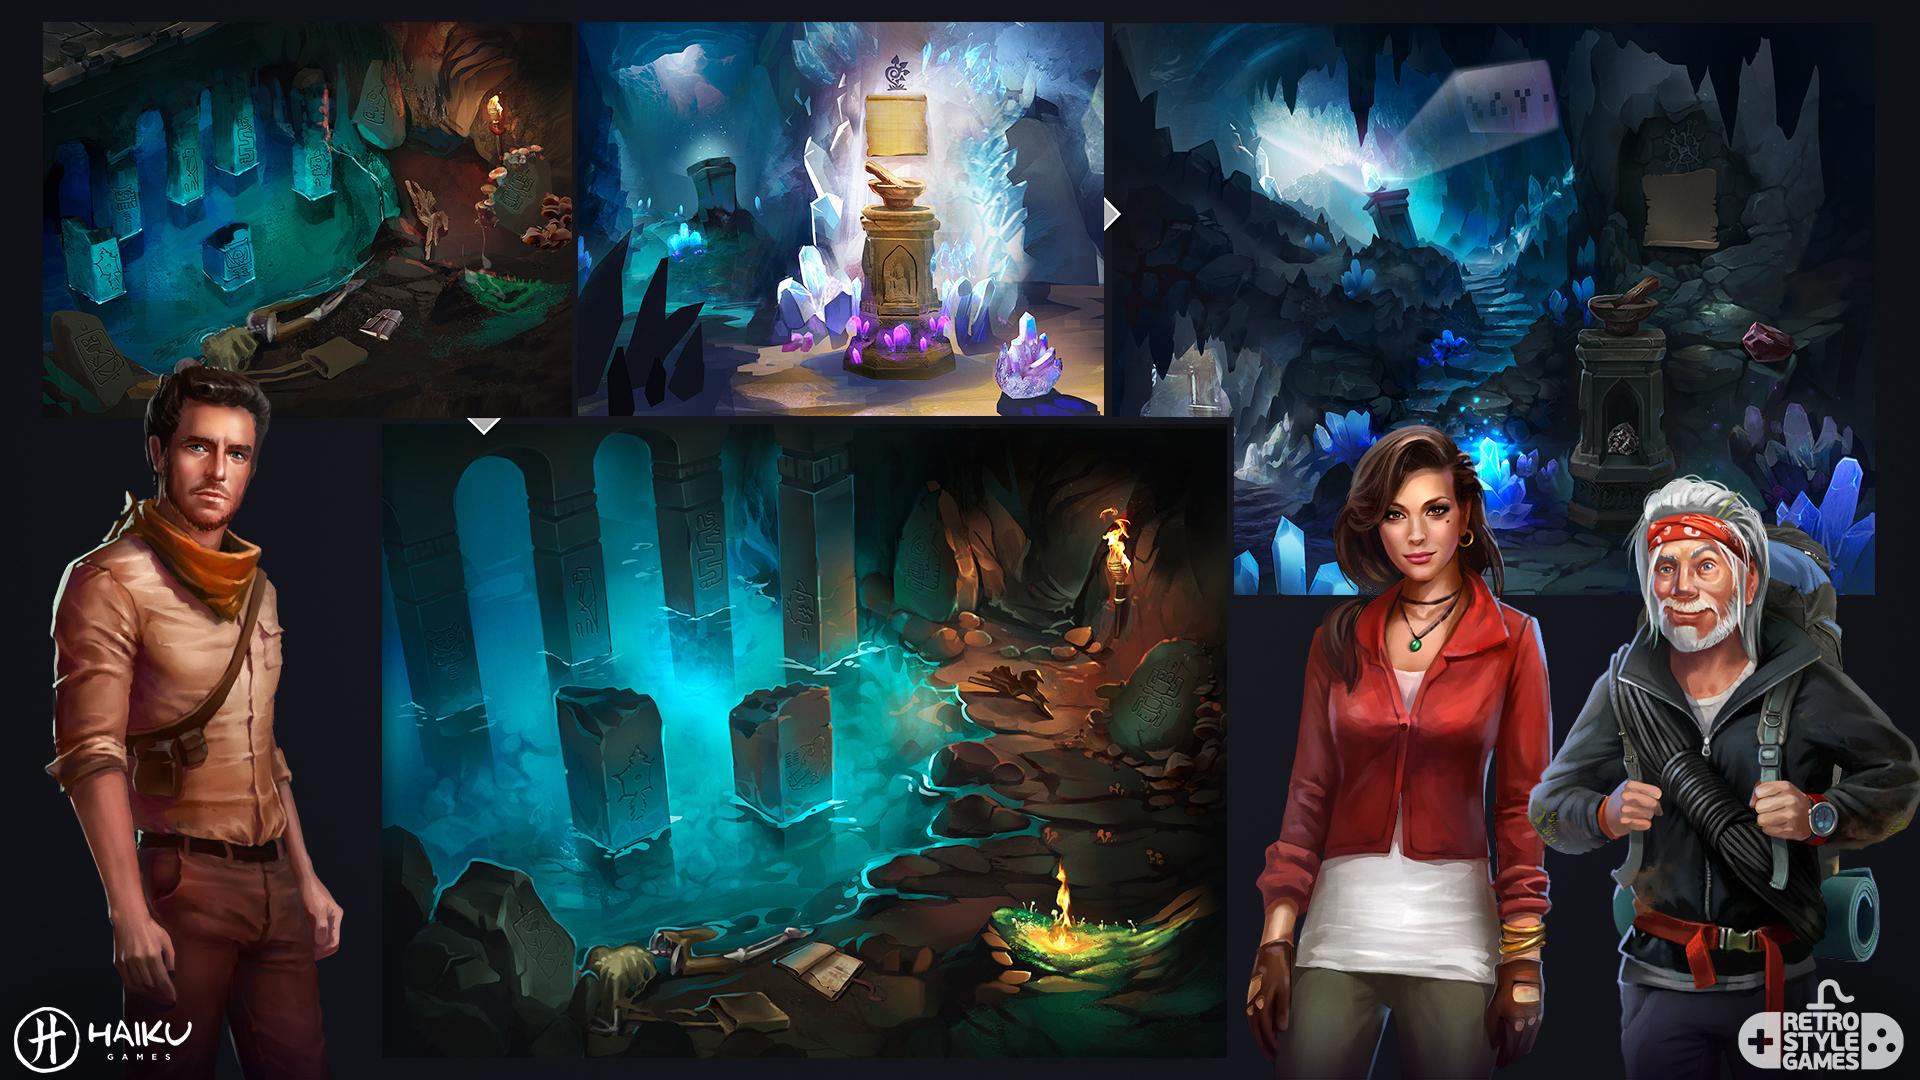 Hidden Ruins Adventure Escape full art sheet 3 backgrounds